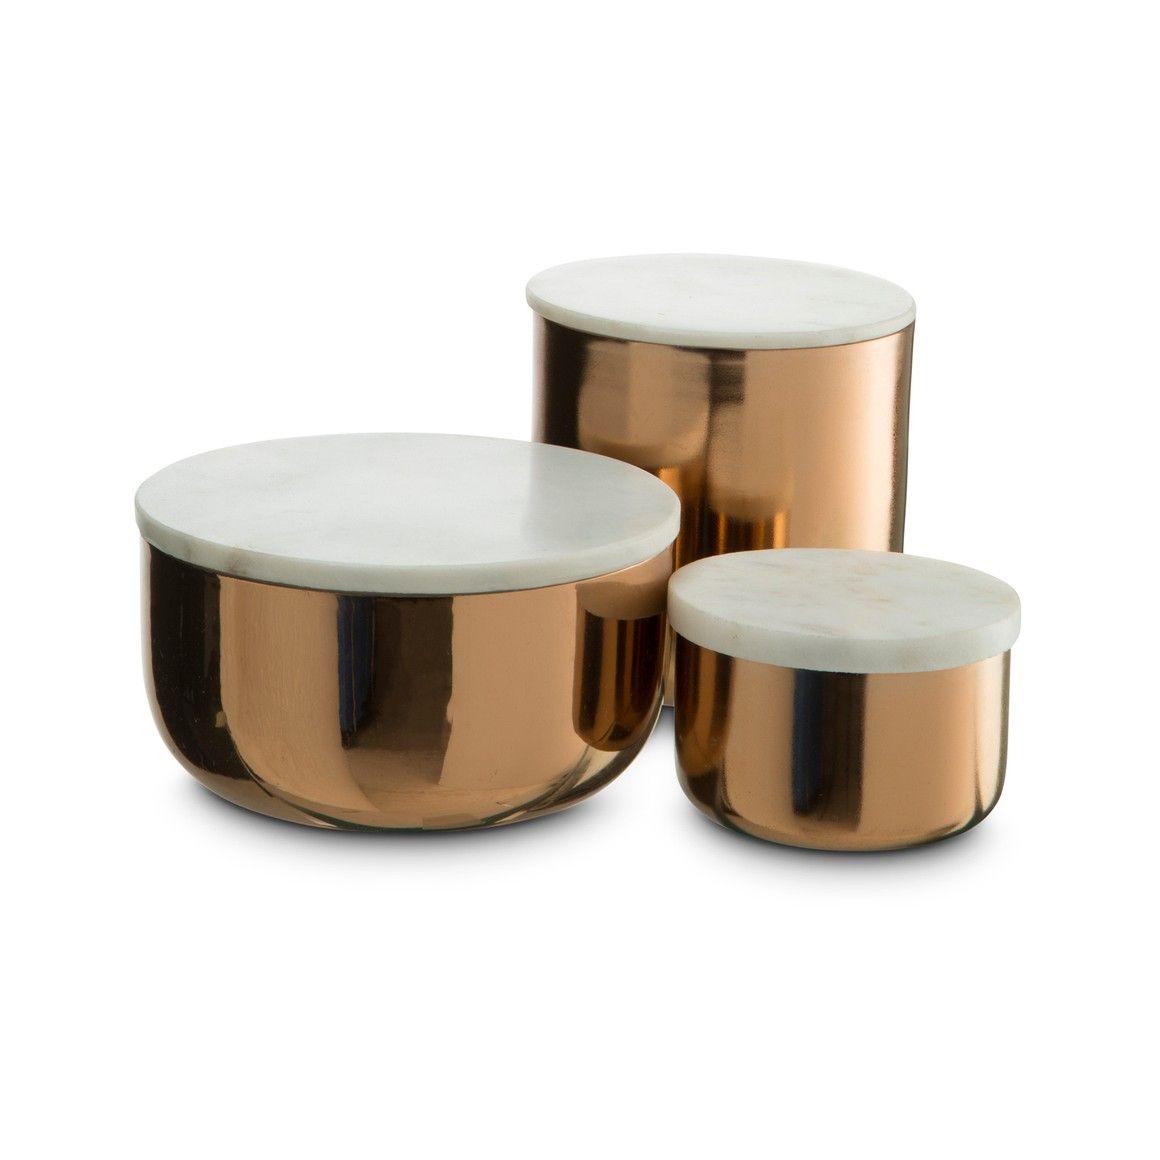 Marble Aufbewahrungsdose Bequem Online Bestellen Interio Ch Dose Aufbewahrung Online Bestellen